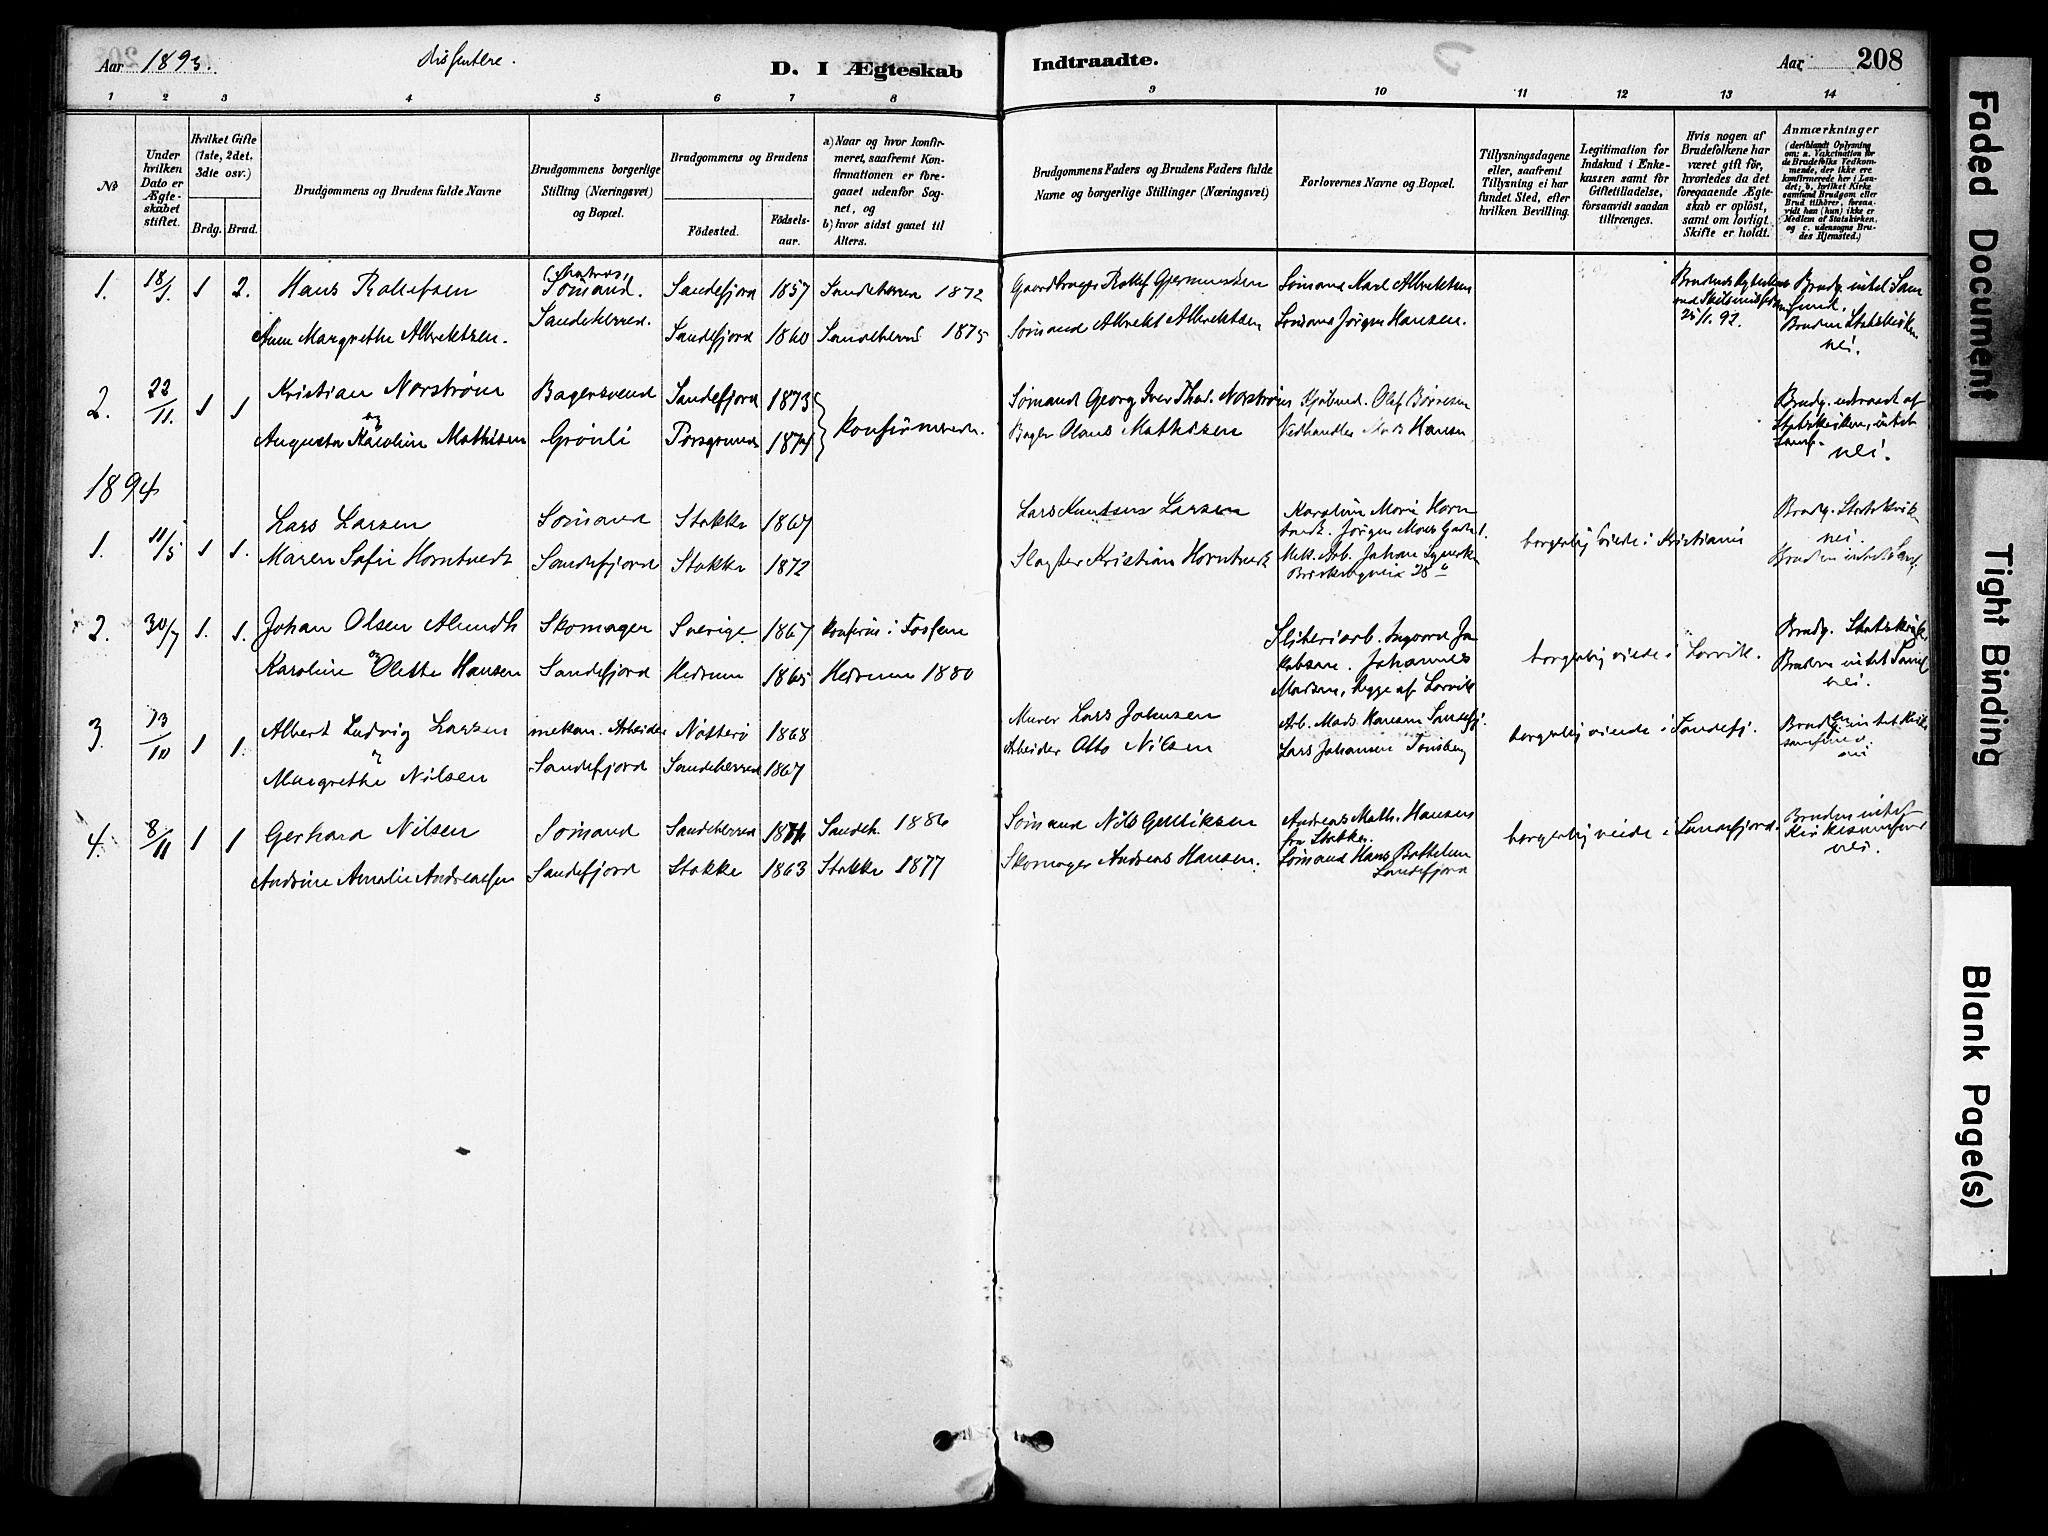 SAKO, Sandefjord kirkebøker, F/Fa/L0002: Ministerialbok nr. 2, 1880-1894, s. 208